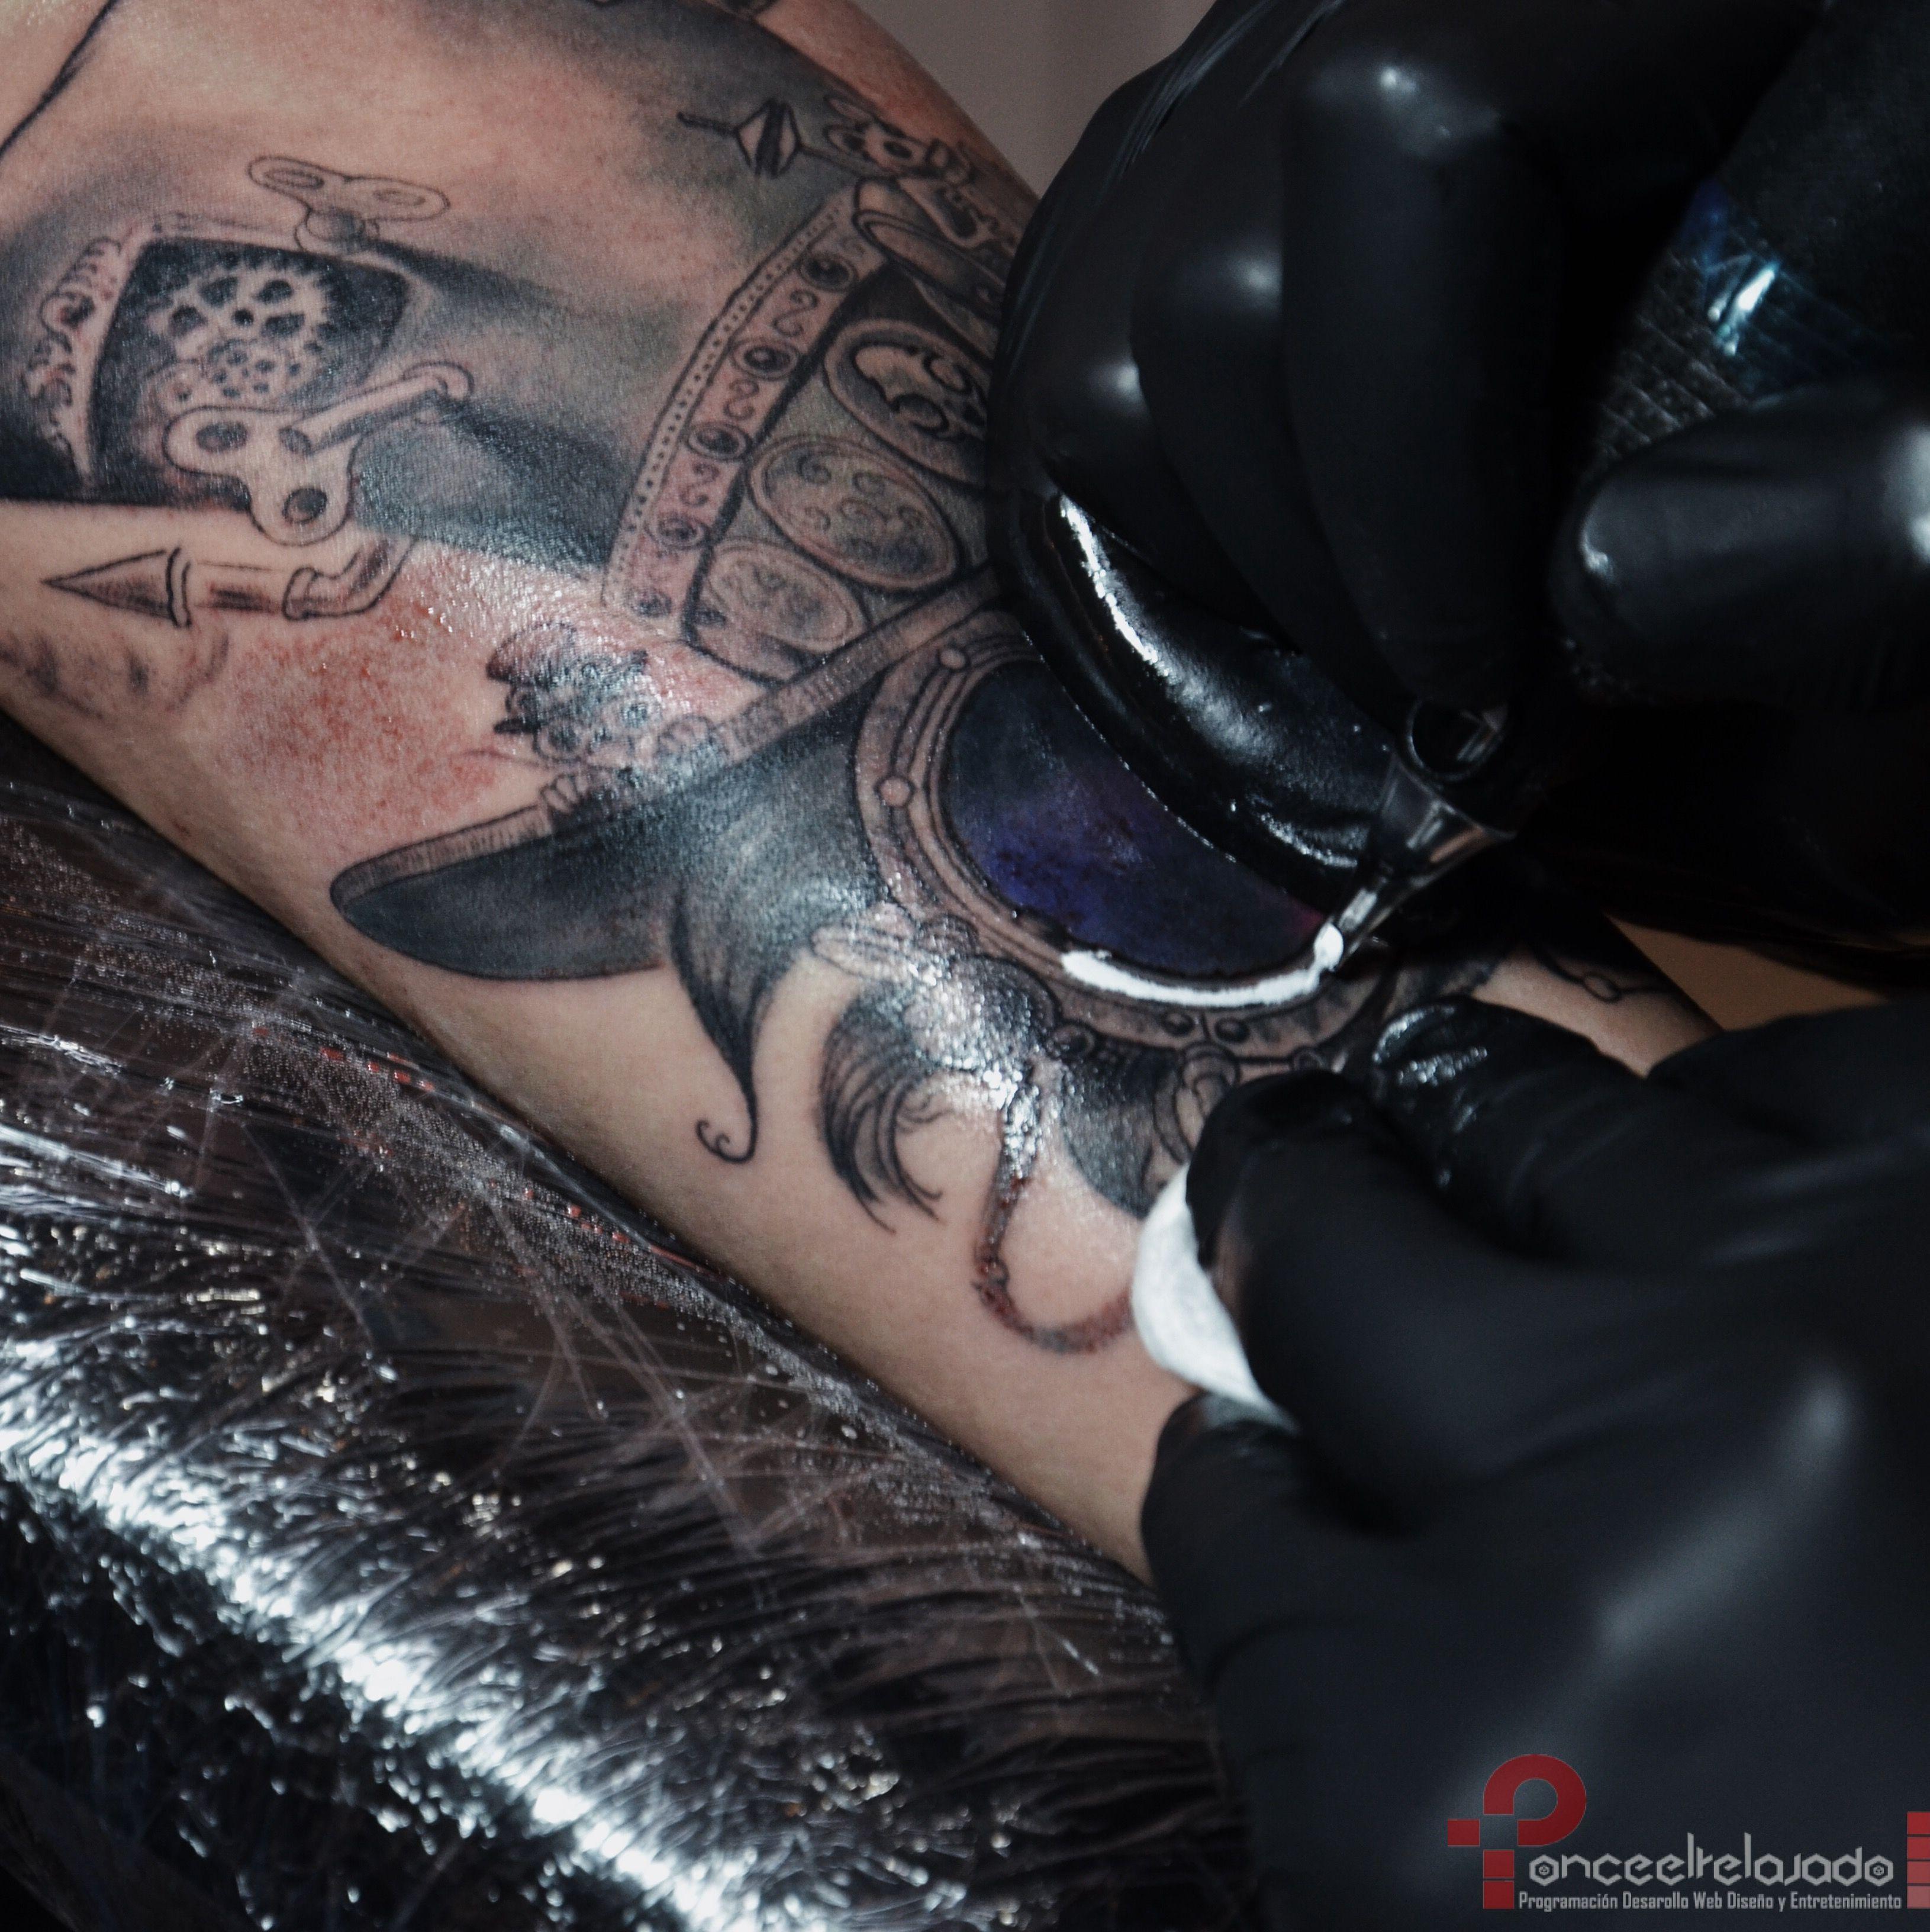 Manipulación de los materiales a la hora de tatuar